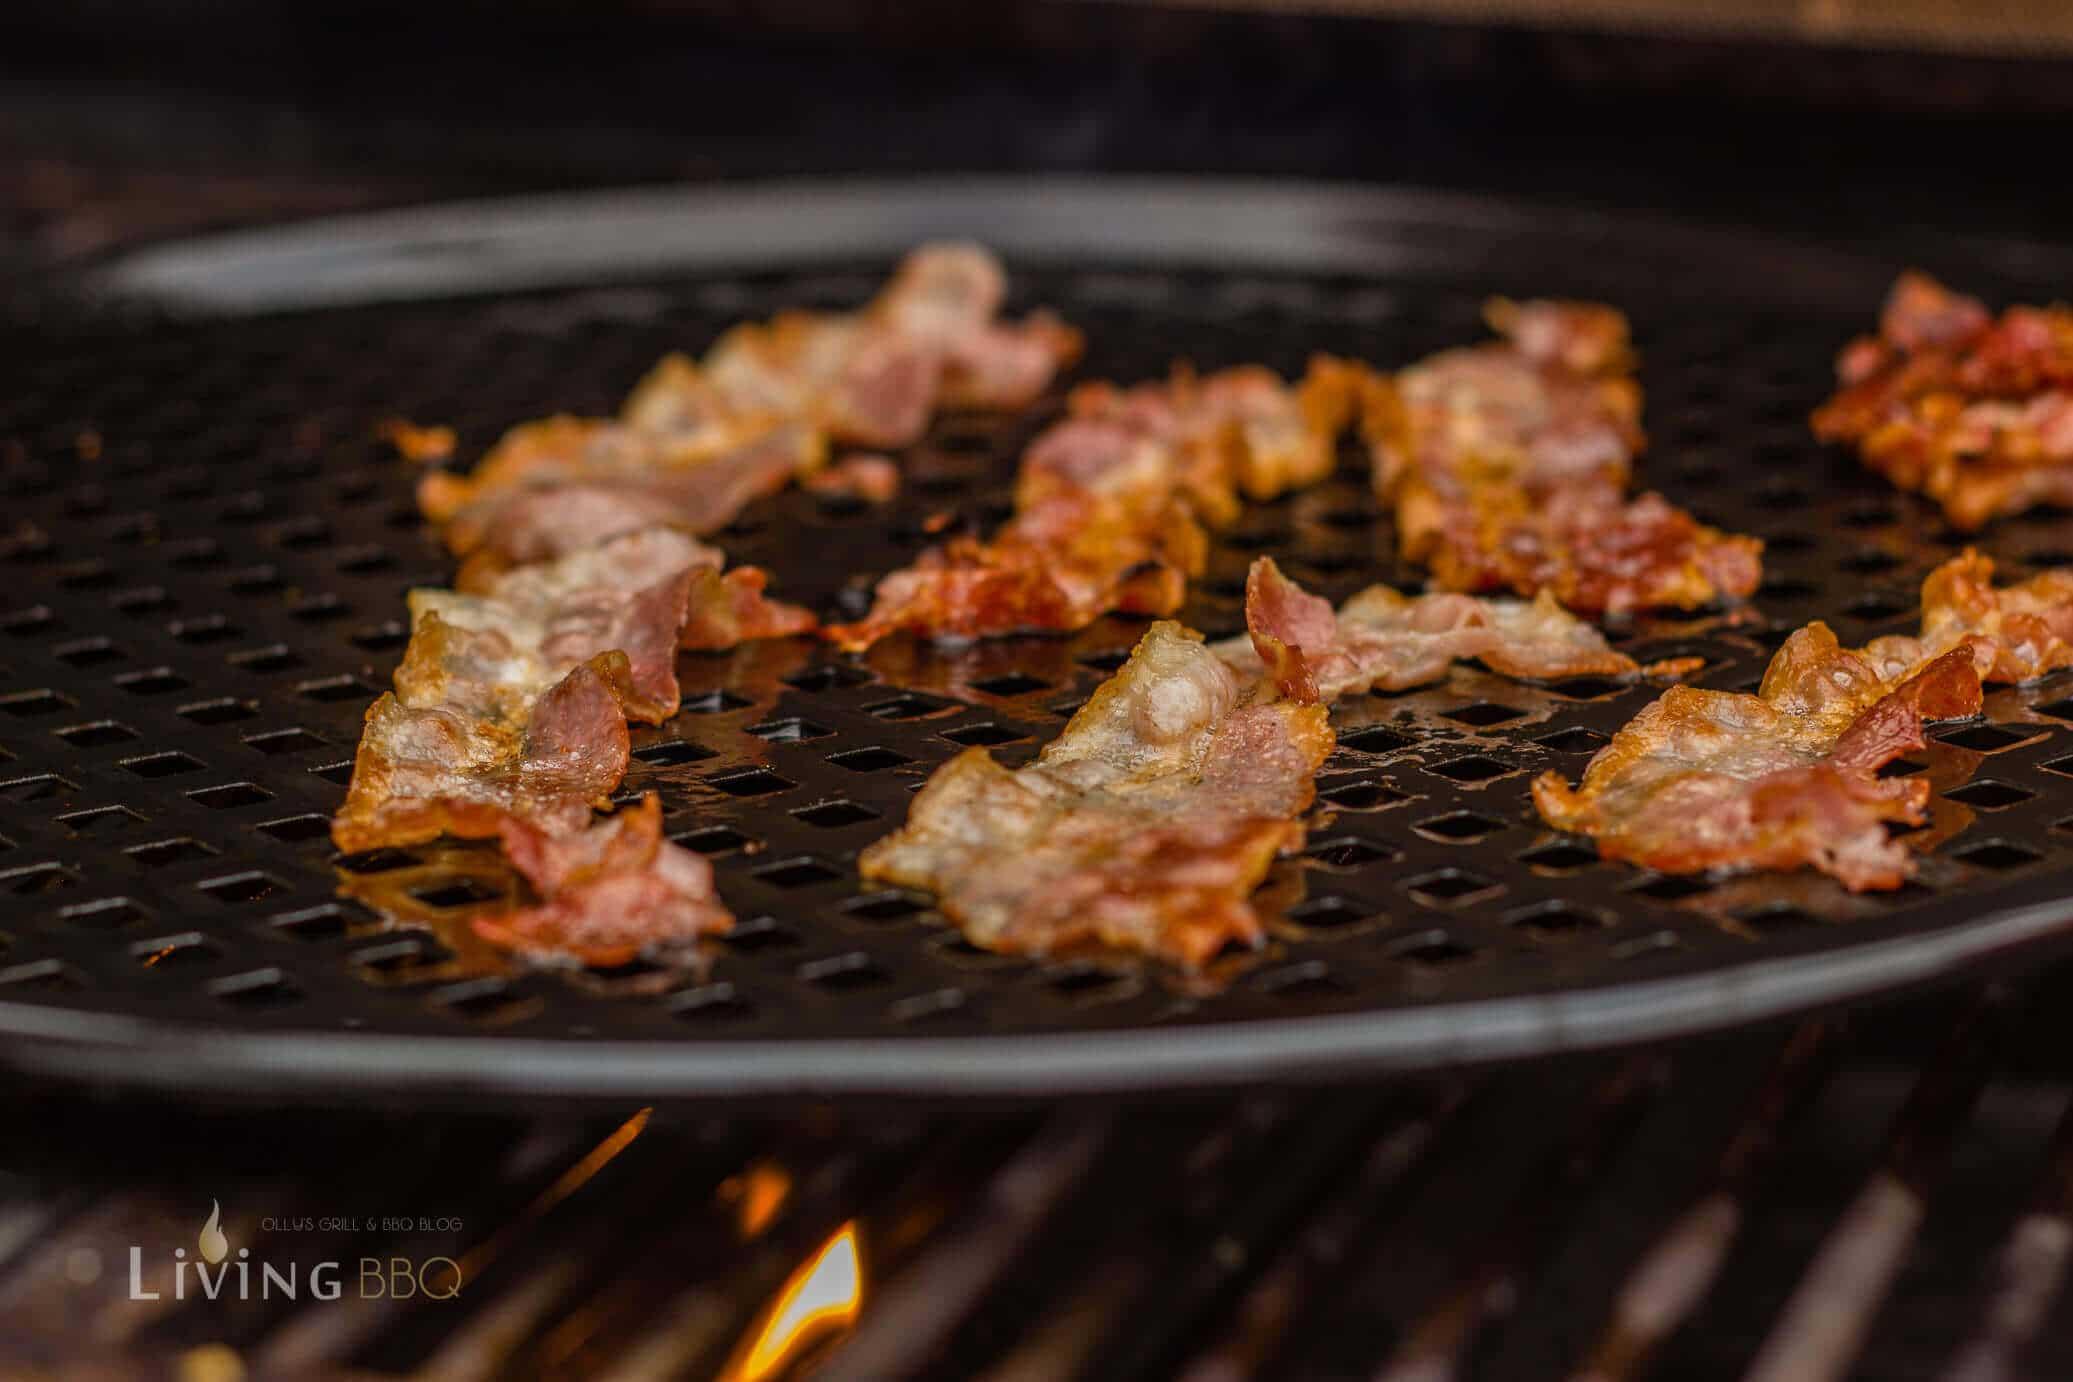 gefüllte Champignons vom Grill gefüllte champignons_Gefu  llte Champignons 1 von 9